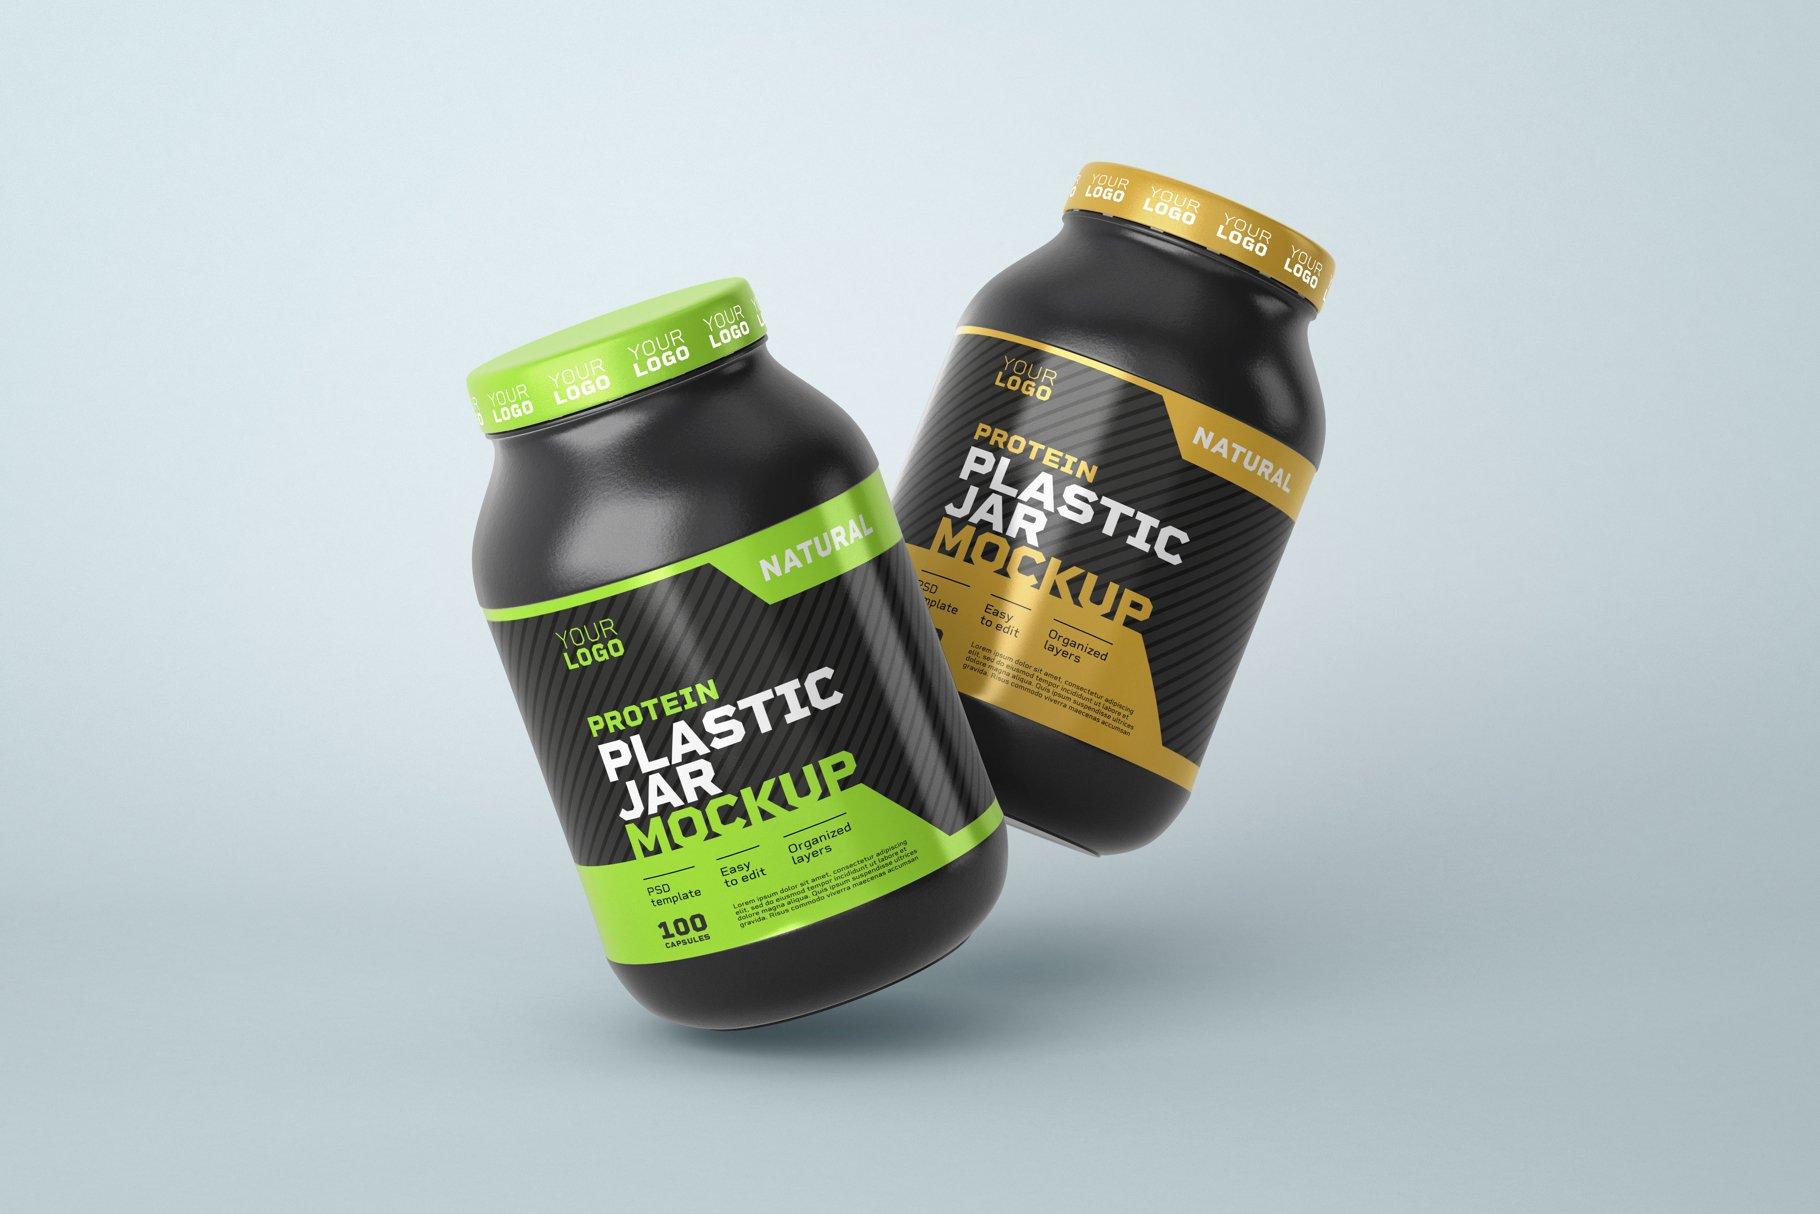 10款食物塑料罐标签设计展示样机模板 Food Supplement Plastic Jar Mockup插图(2)